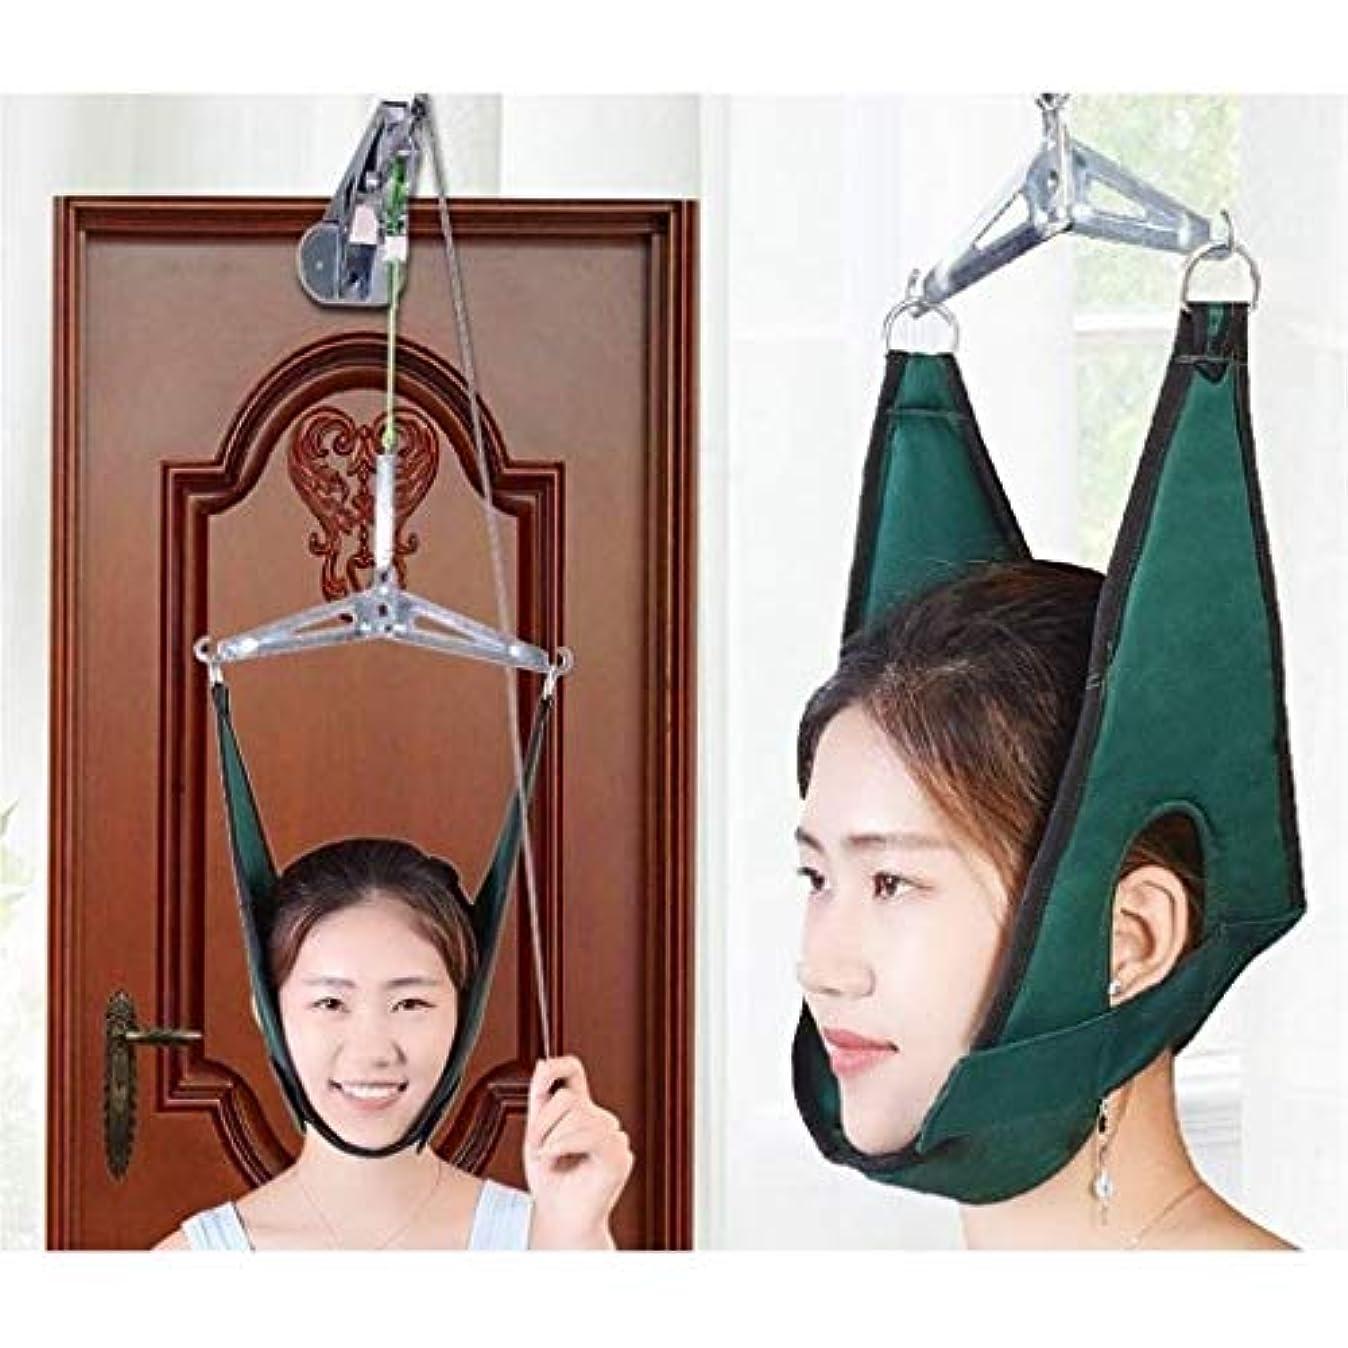 解釈大西洋入る頸部牽引装置、頸部頸部牽引装置、首マッサージ器、治療器具、歯列矯正用首の痛みの緩和